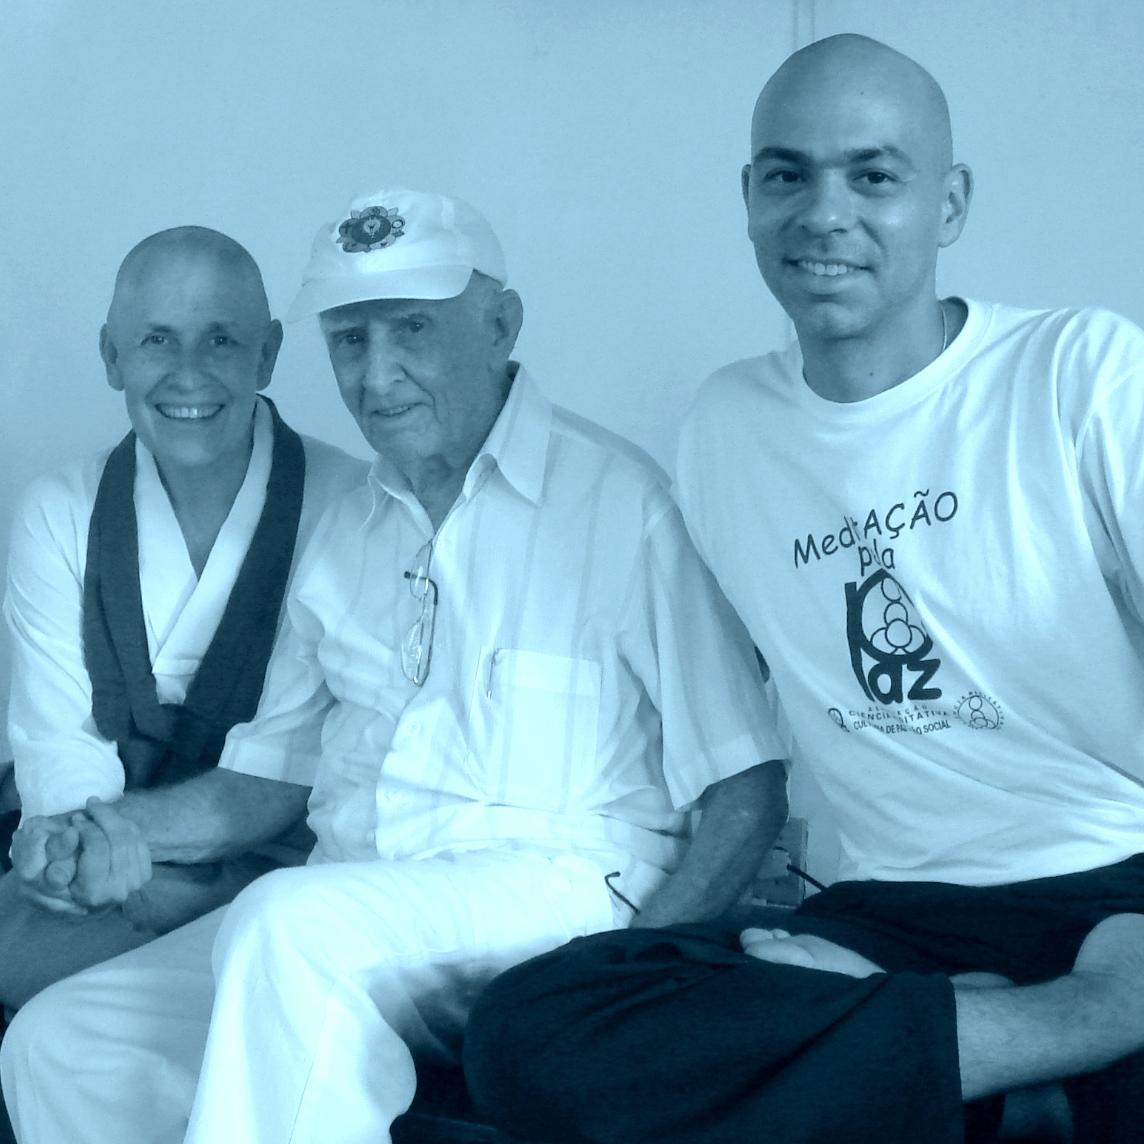 Monja Coen e Hermogenes Site - Yoga, Meditação e Terapia